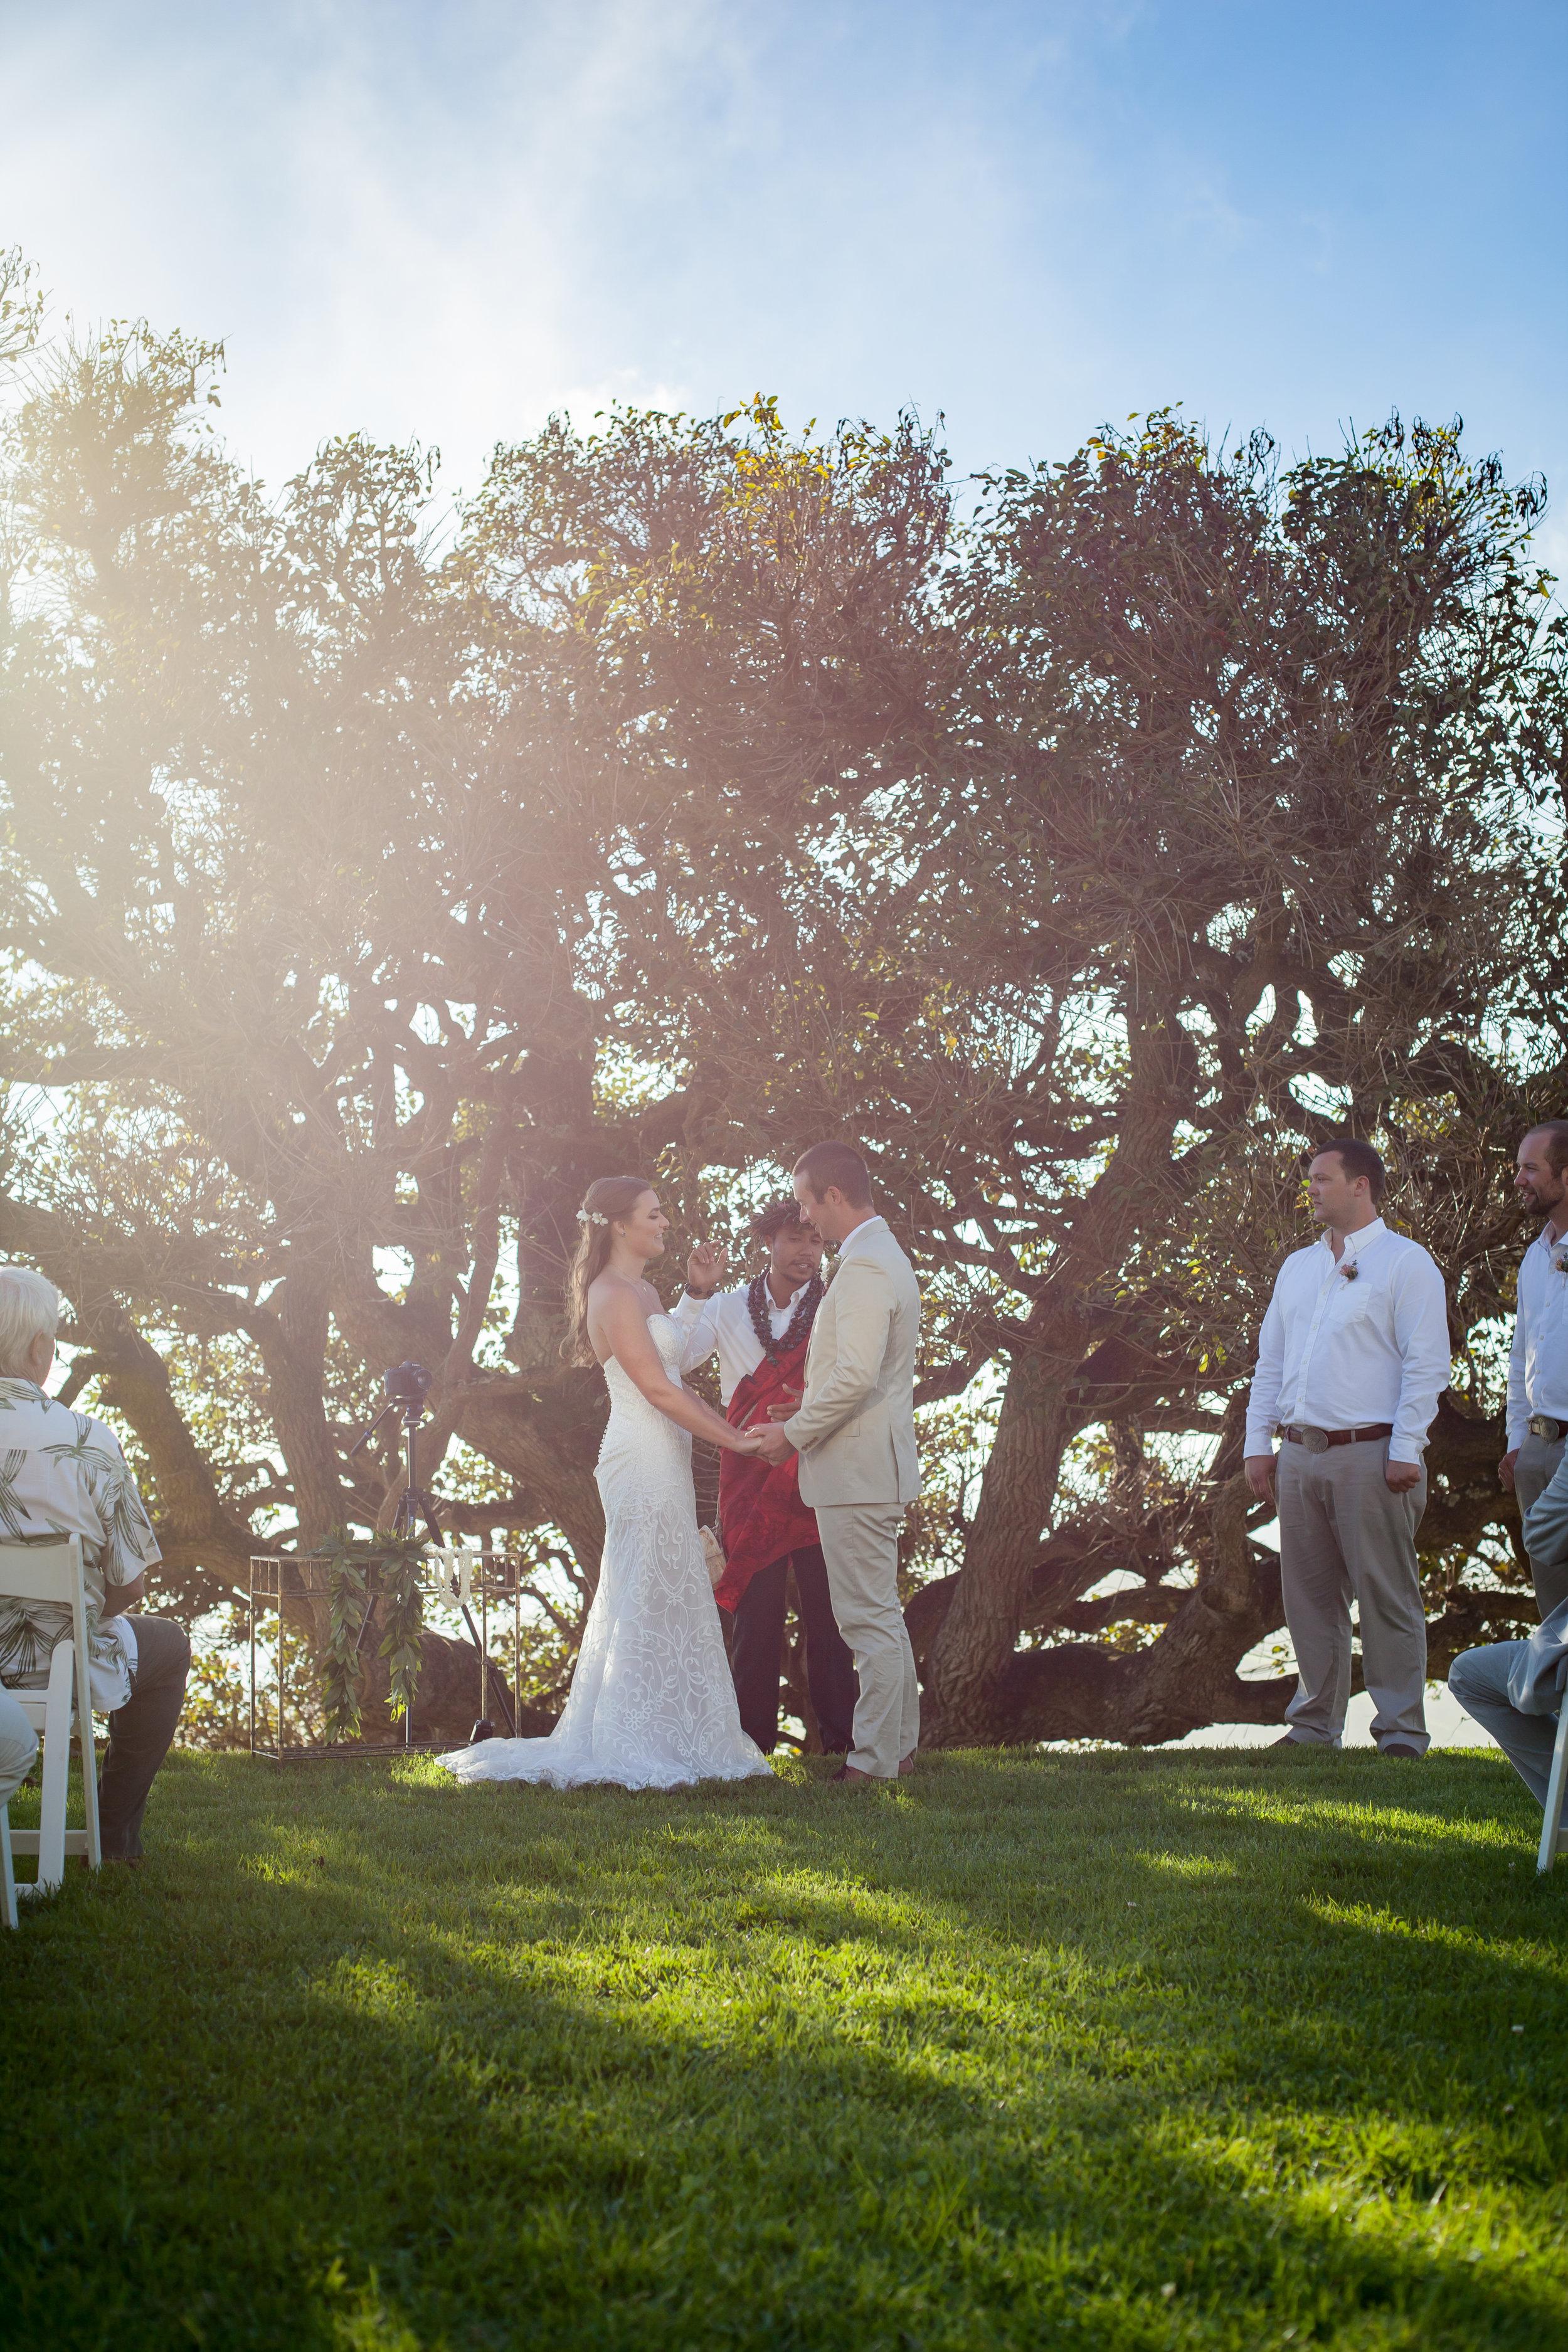 big island hawaii kahua ranch wedding © kelilina photography 20170106164300.jpg